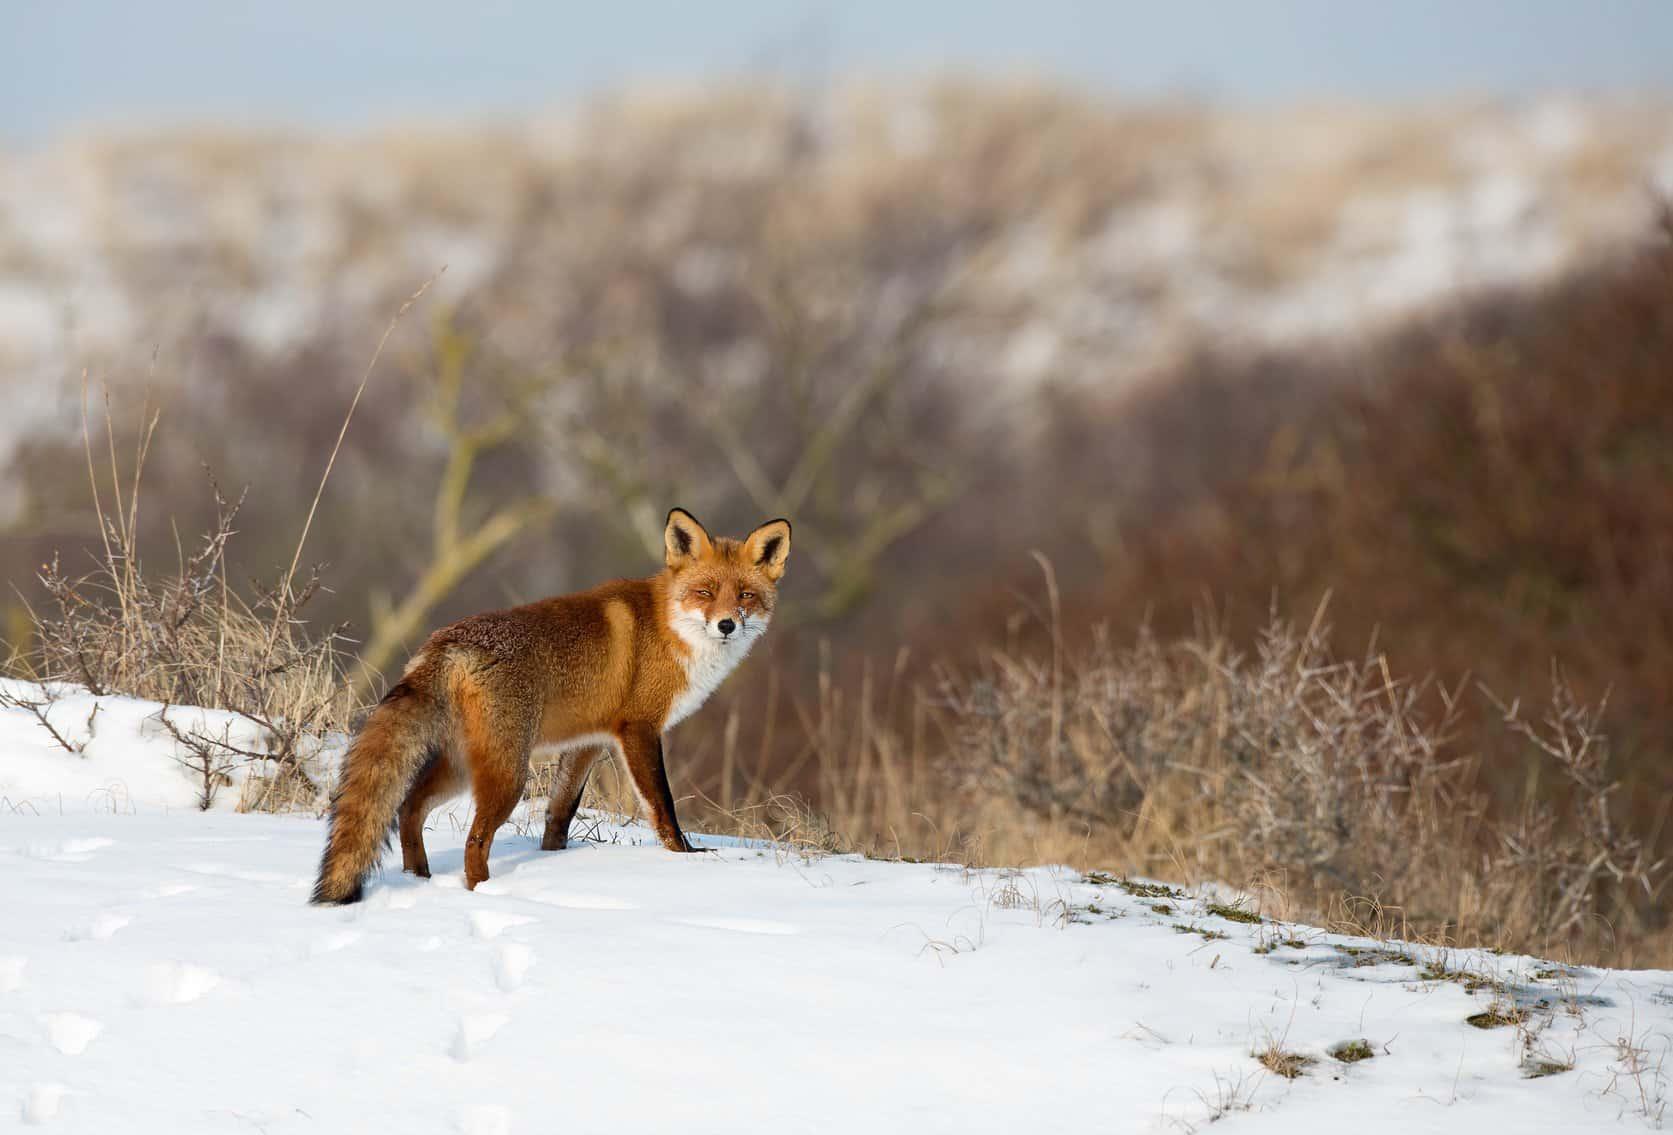 Fuchs Unter Artenschutz Tierschutz Bußgeldkatalog 2019